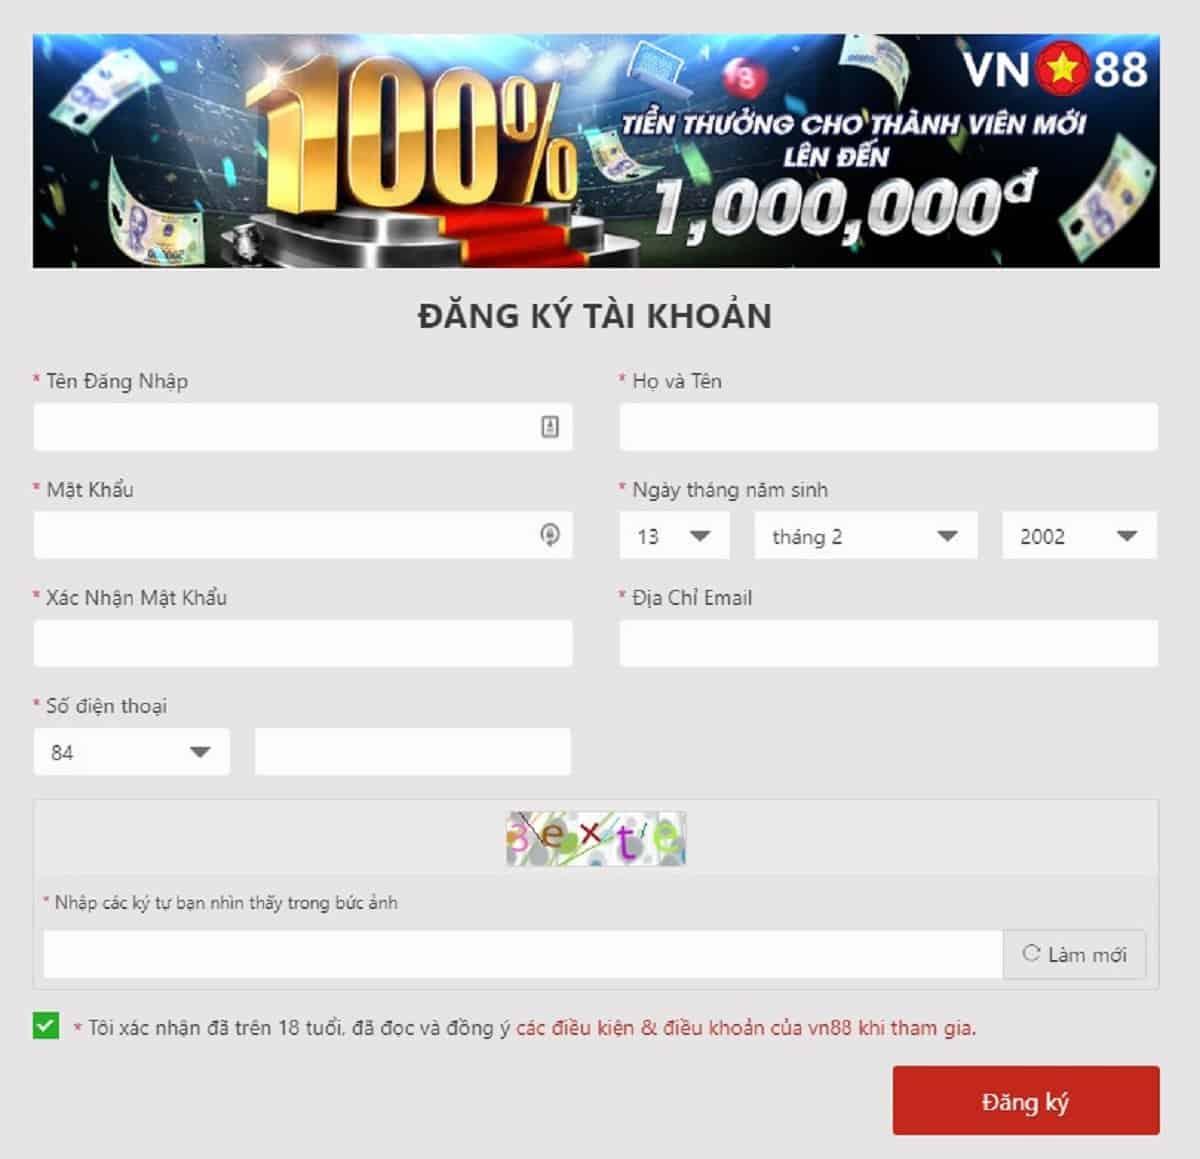 Hướng dẫn đăng ký tài khoản vn88 bằng ứng dụng vn88 app